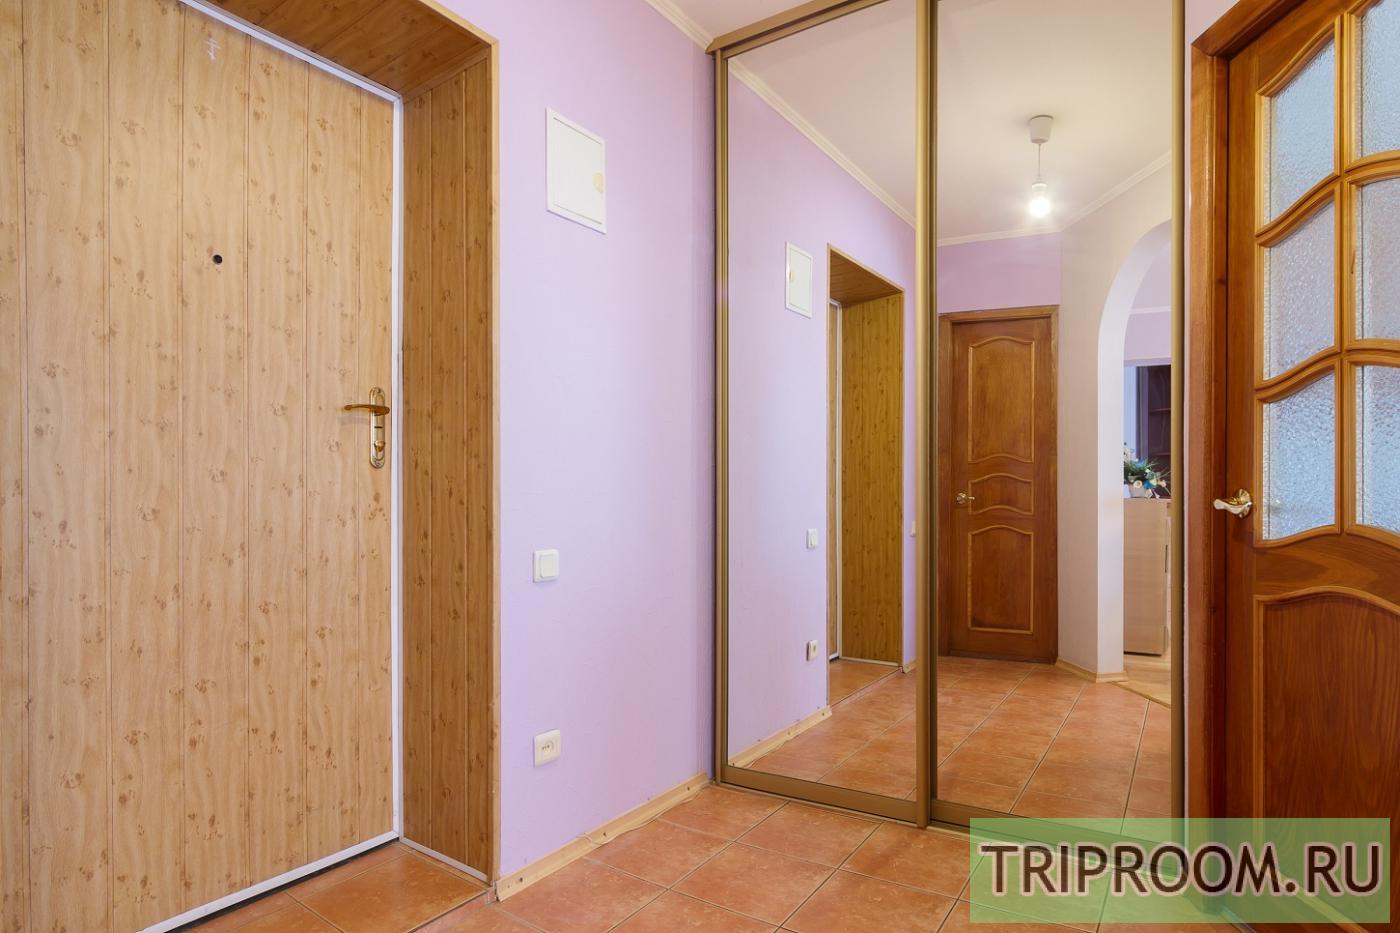 2-комнатная квартира посуточно (вариант № 11540), ул. Красноармейская улица, фото № 8